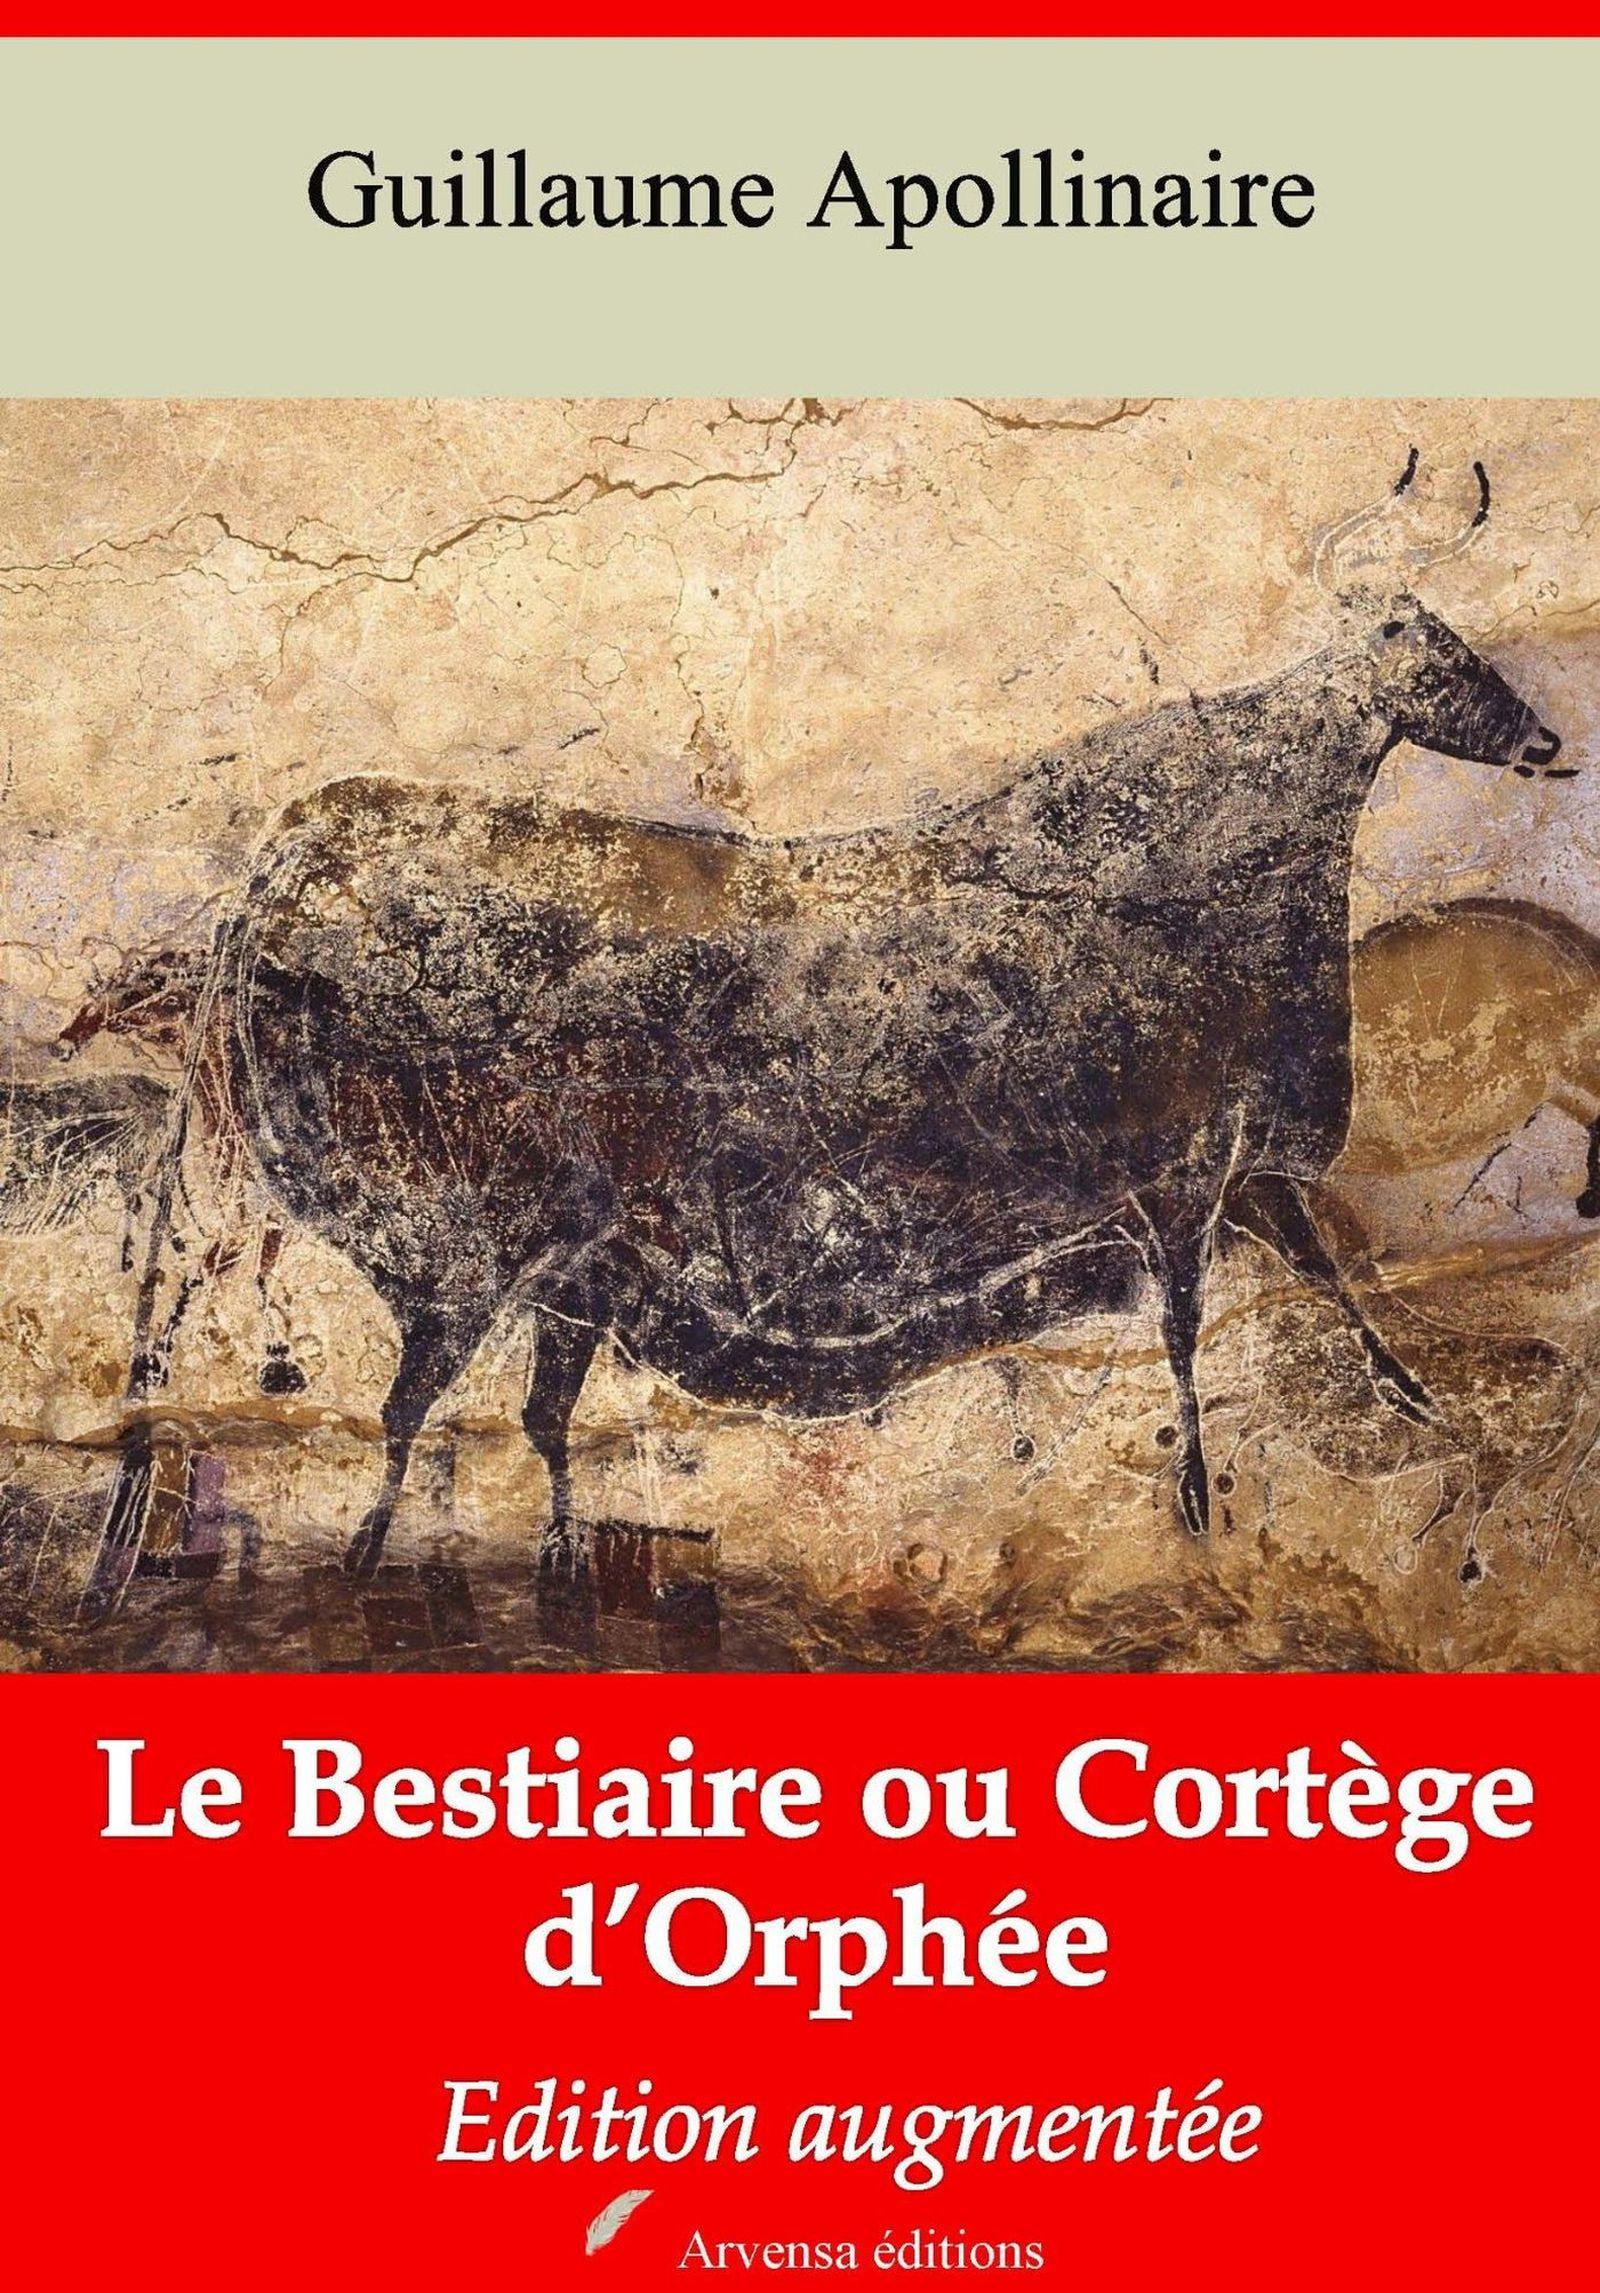 Le Bestiaire ou Cortège d'Orphée - suivi d'annexes